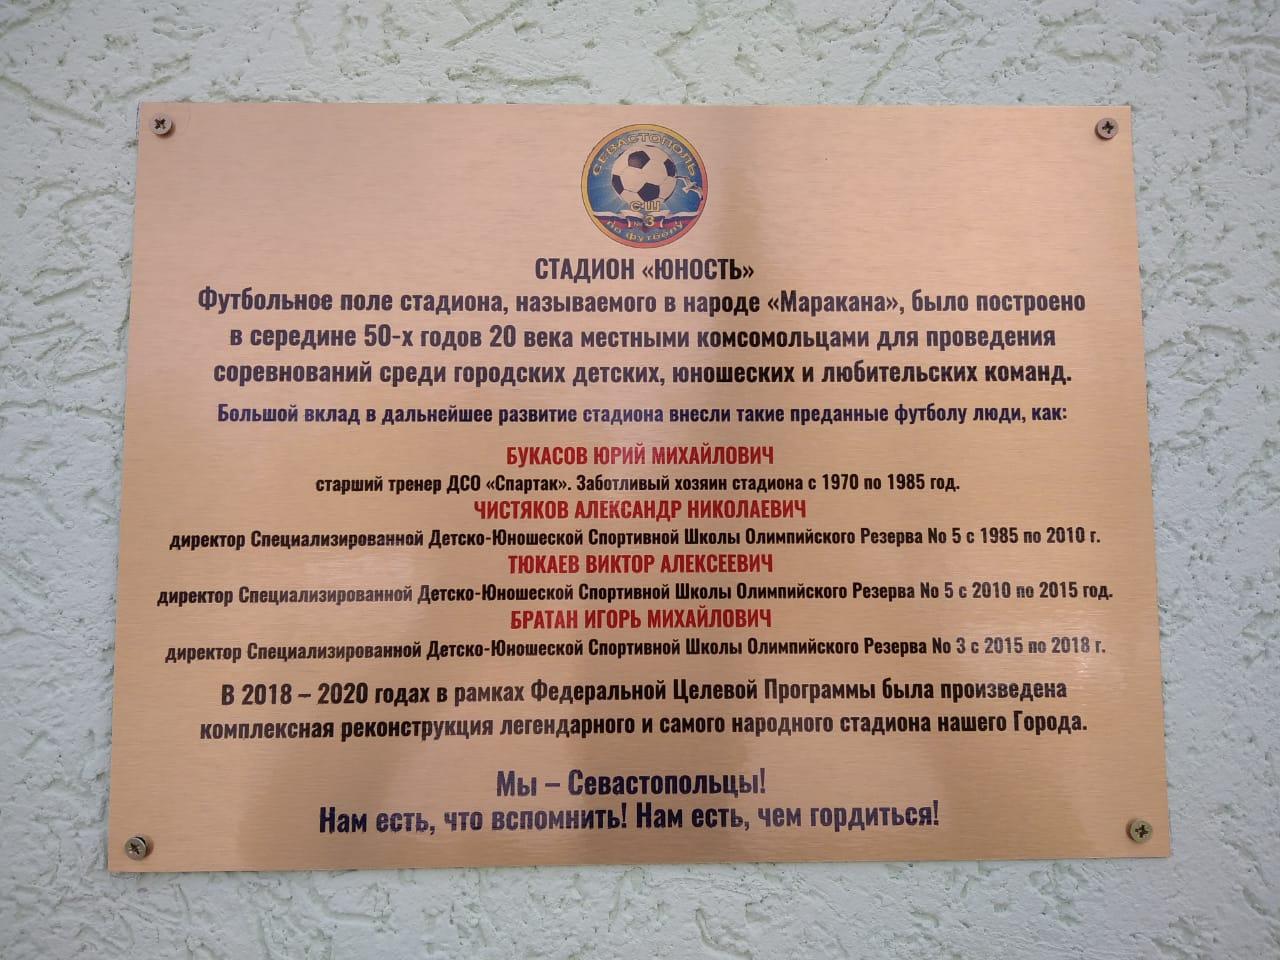 На стадионе «Юность» установлена памятная табличка